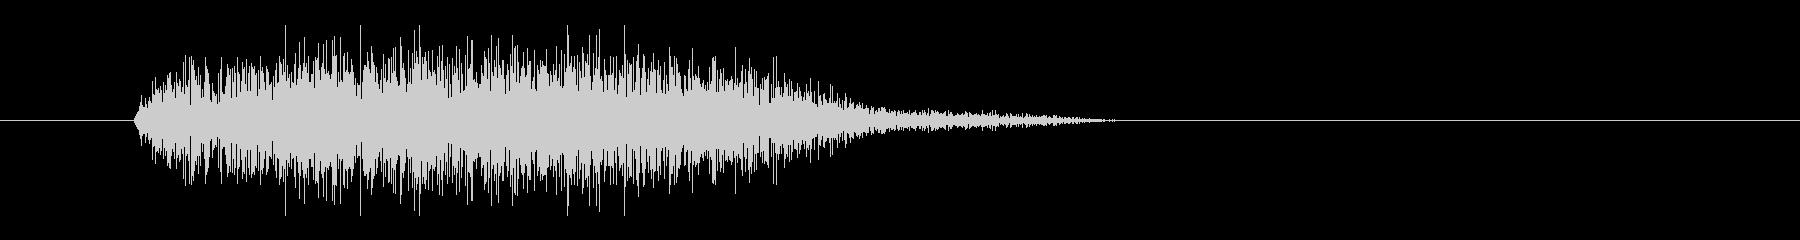 レーザー音-17-3の未再生の波形